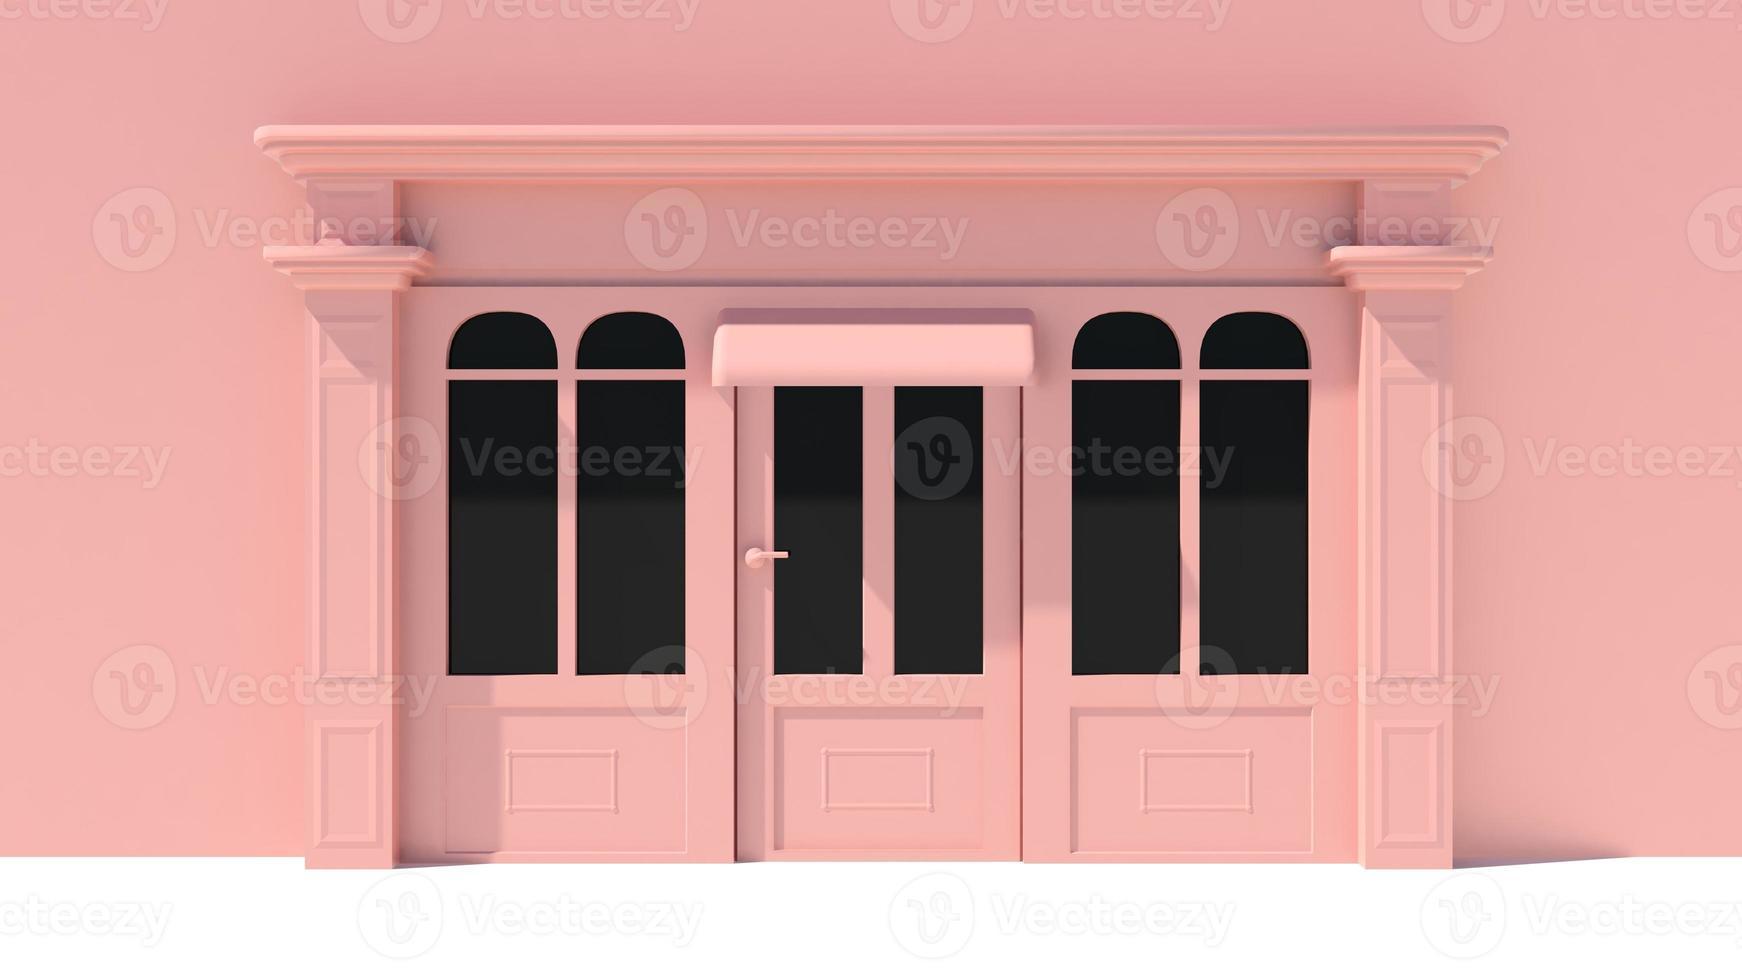 vitrine ensoleillée avec de grandes fenêtres façade de magasin blanc et rose photo